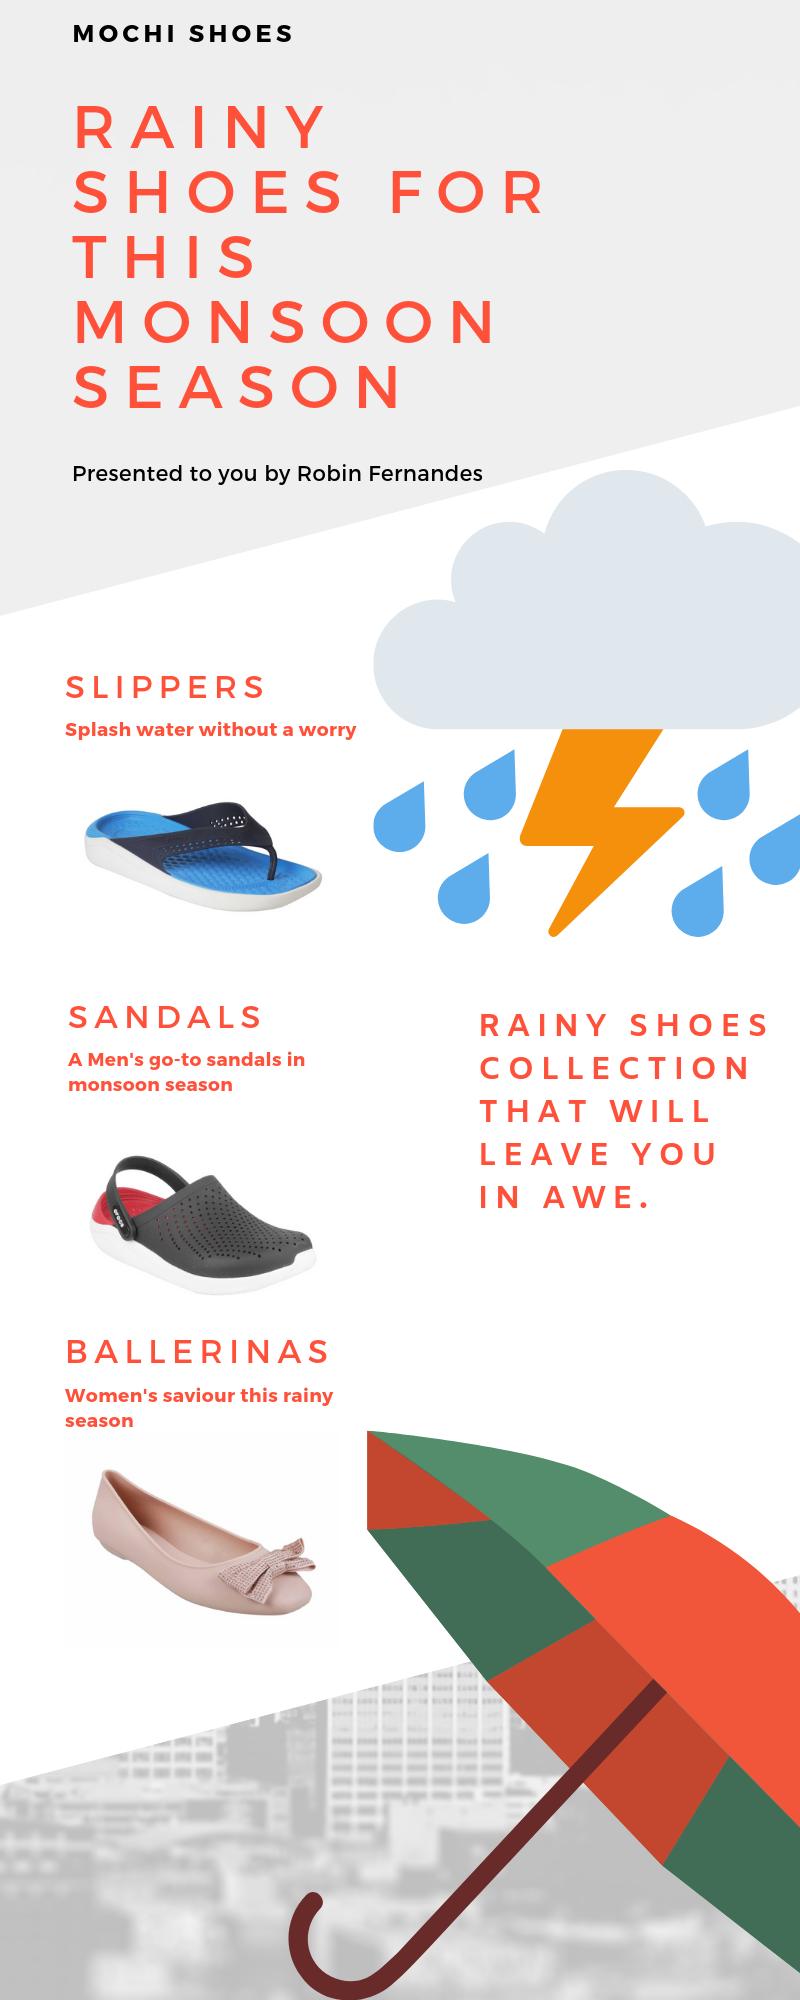 Rainy shoes for Men \u0026 Women - Mochi